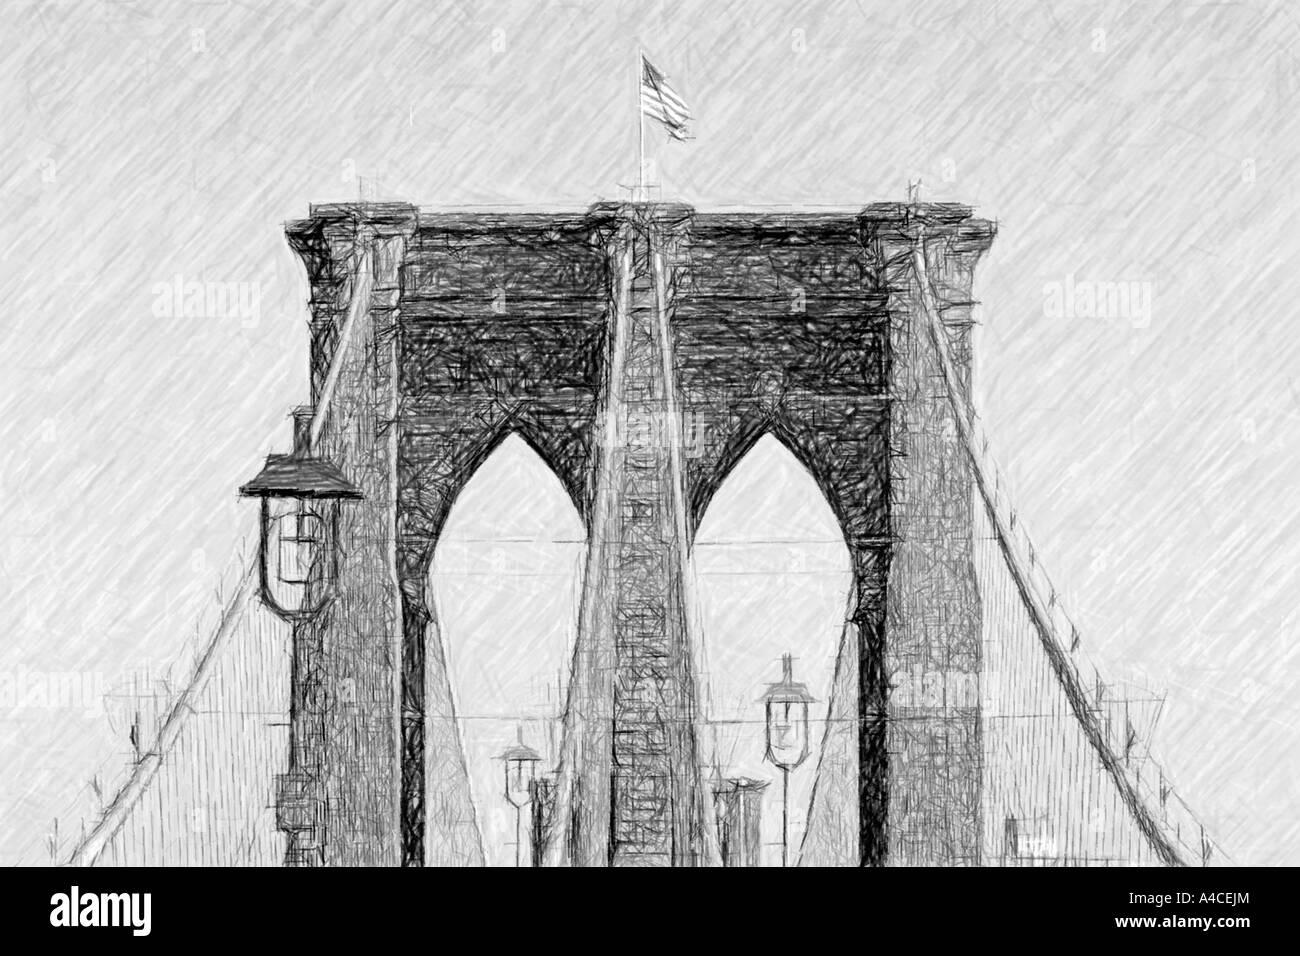 Brooklyn Bridge als Kohle oder Zeichnung, Digital gerendert Stockbild